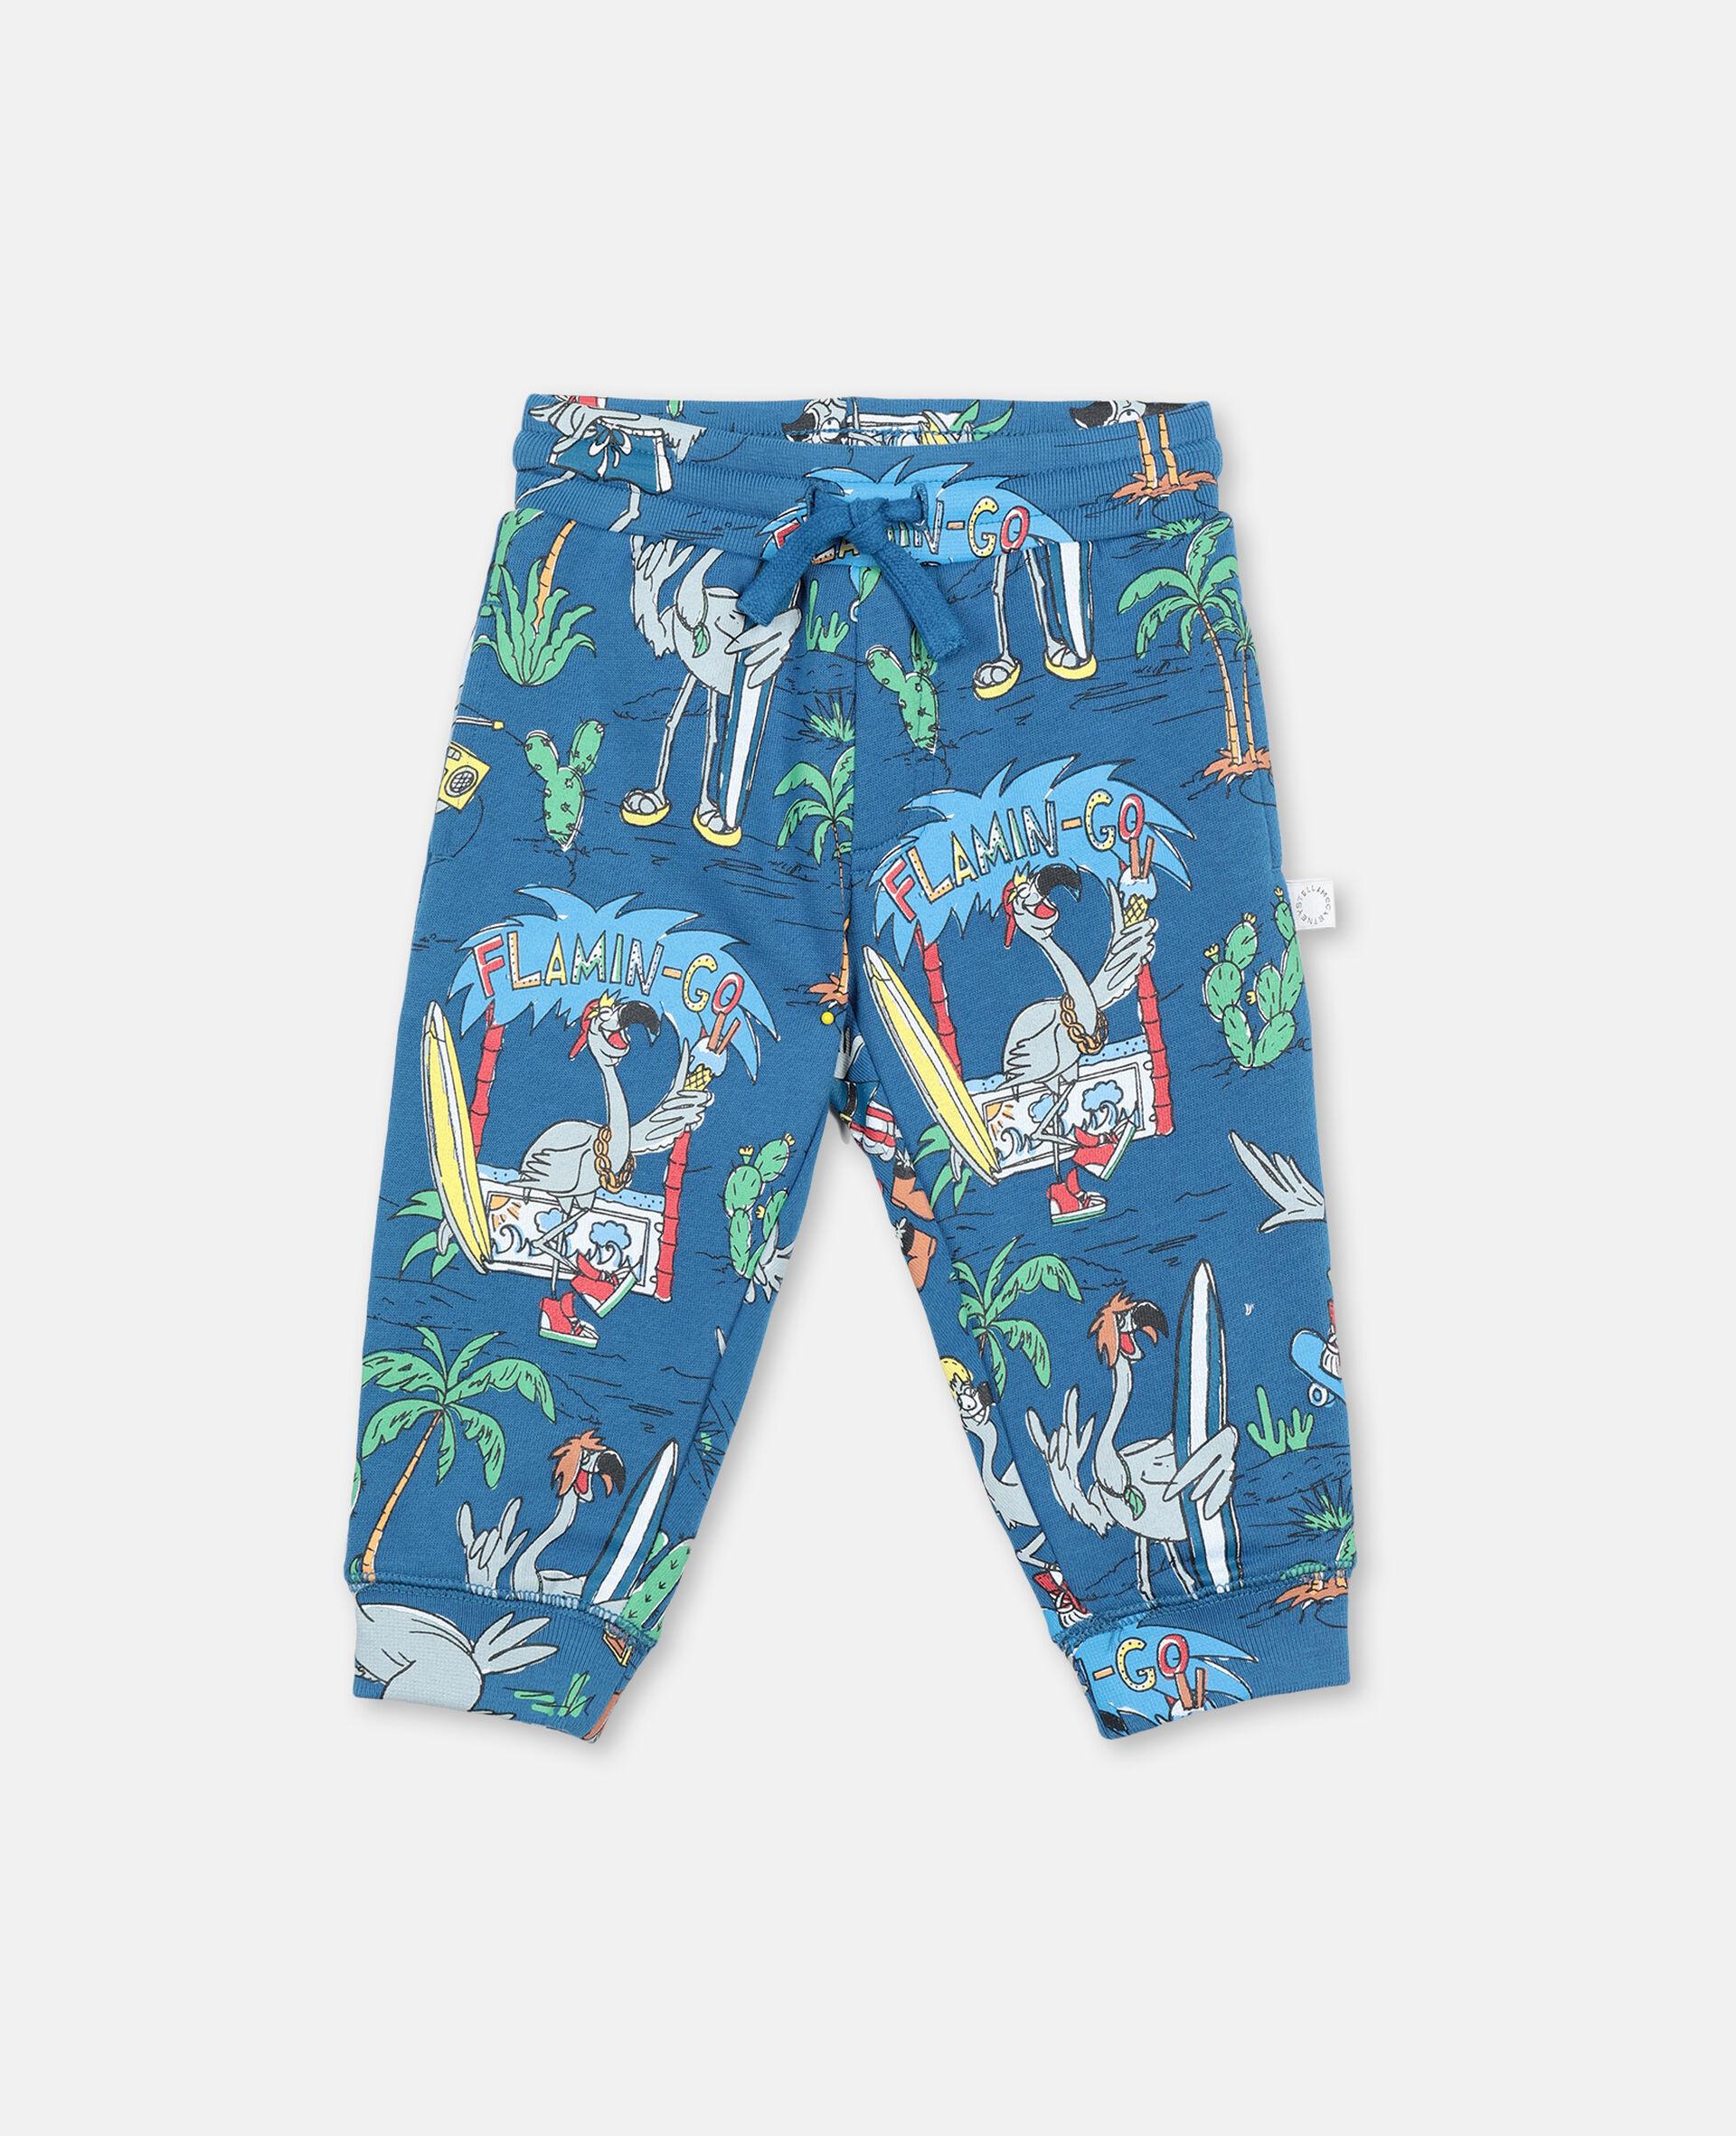 Pantalon de jogging à motif planète flamants roses-Bleu-large image number 0